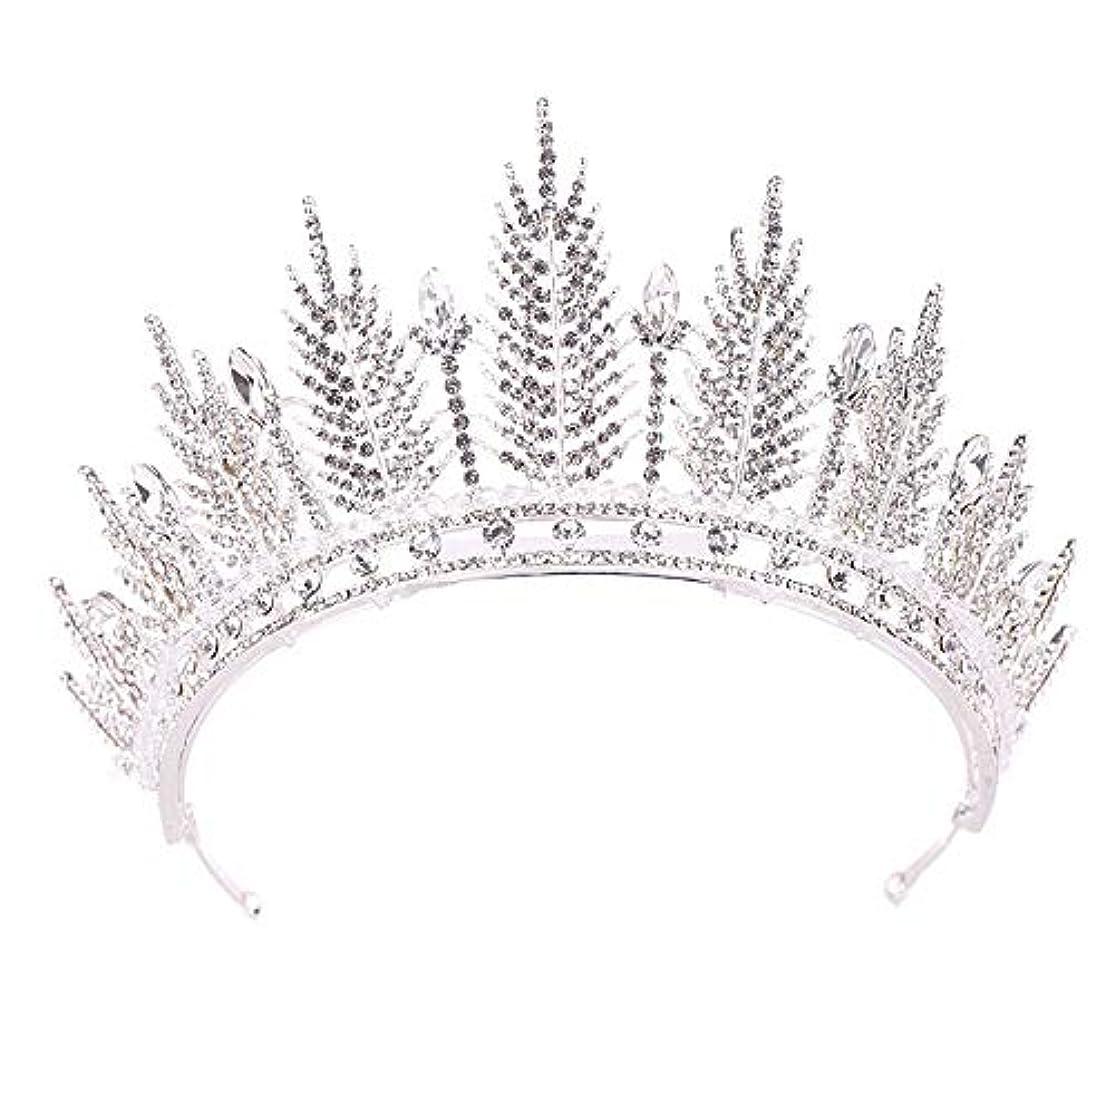 ヒロイン反毒水分ヴィンテージクリスタルクラウン ファッションクリスタルクラウンバロックパール高級雰囲気ブライダルクラウンヘッドドレスウェディングアクセサリー 女性のための (Color : Silver, Size : 14*7.5cm)